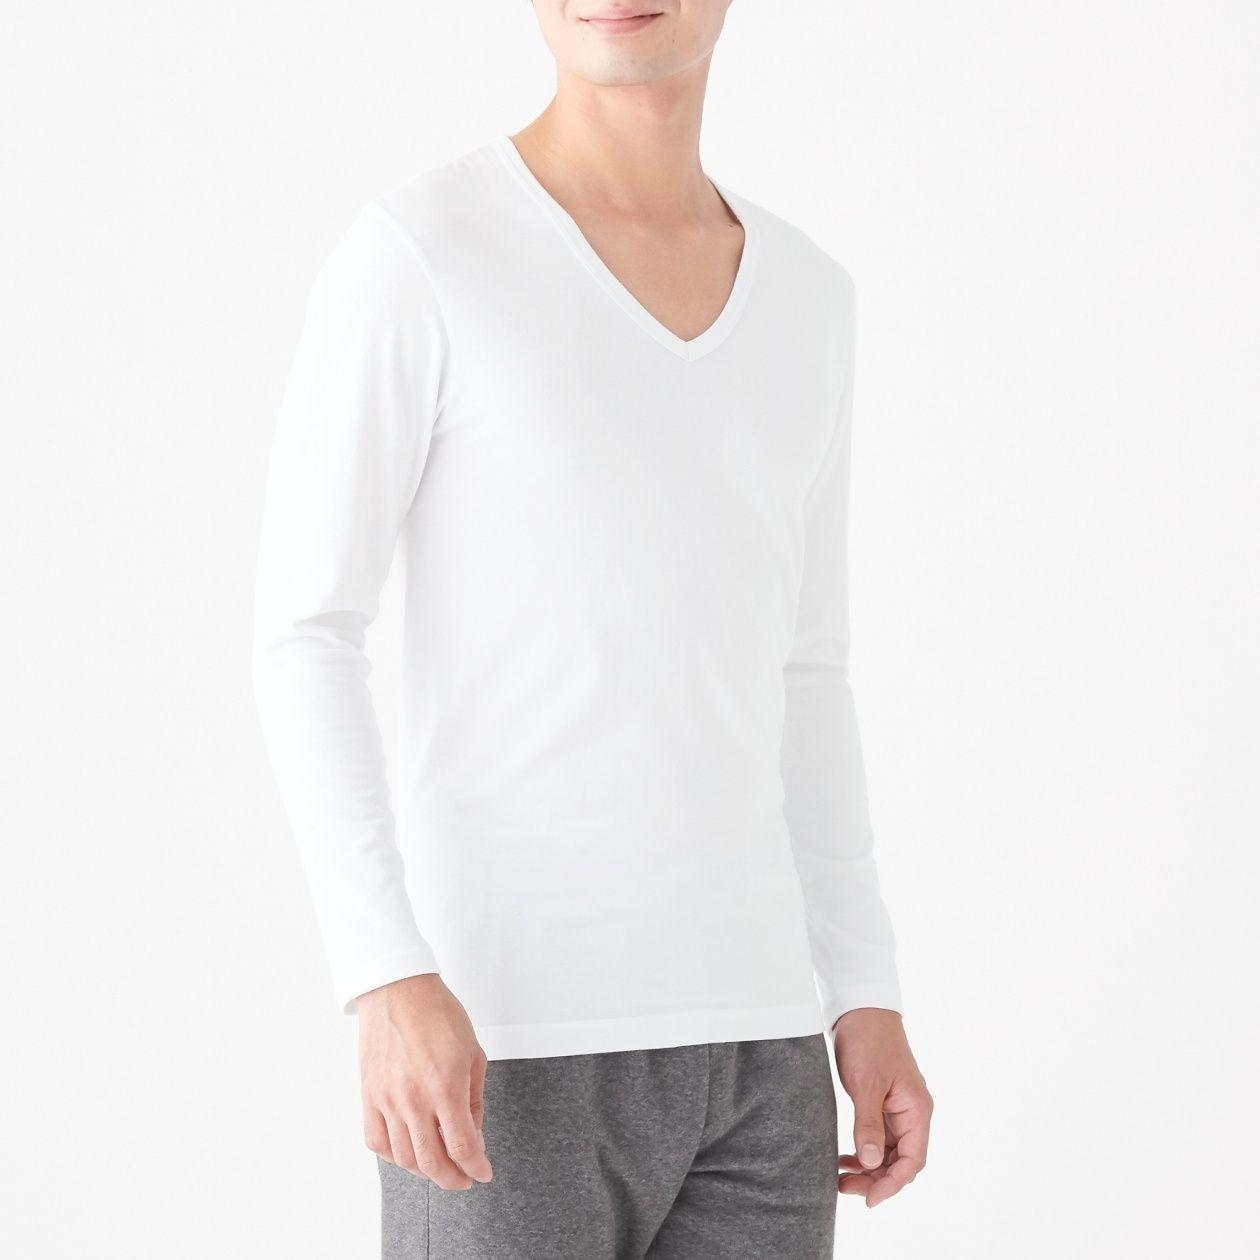 綿であったかVネック長袖Tシャツ